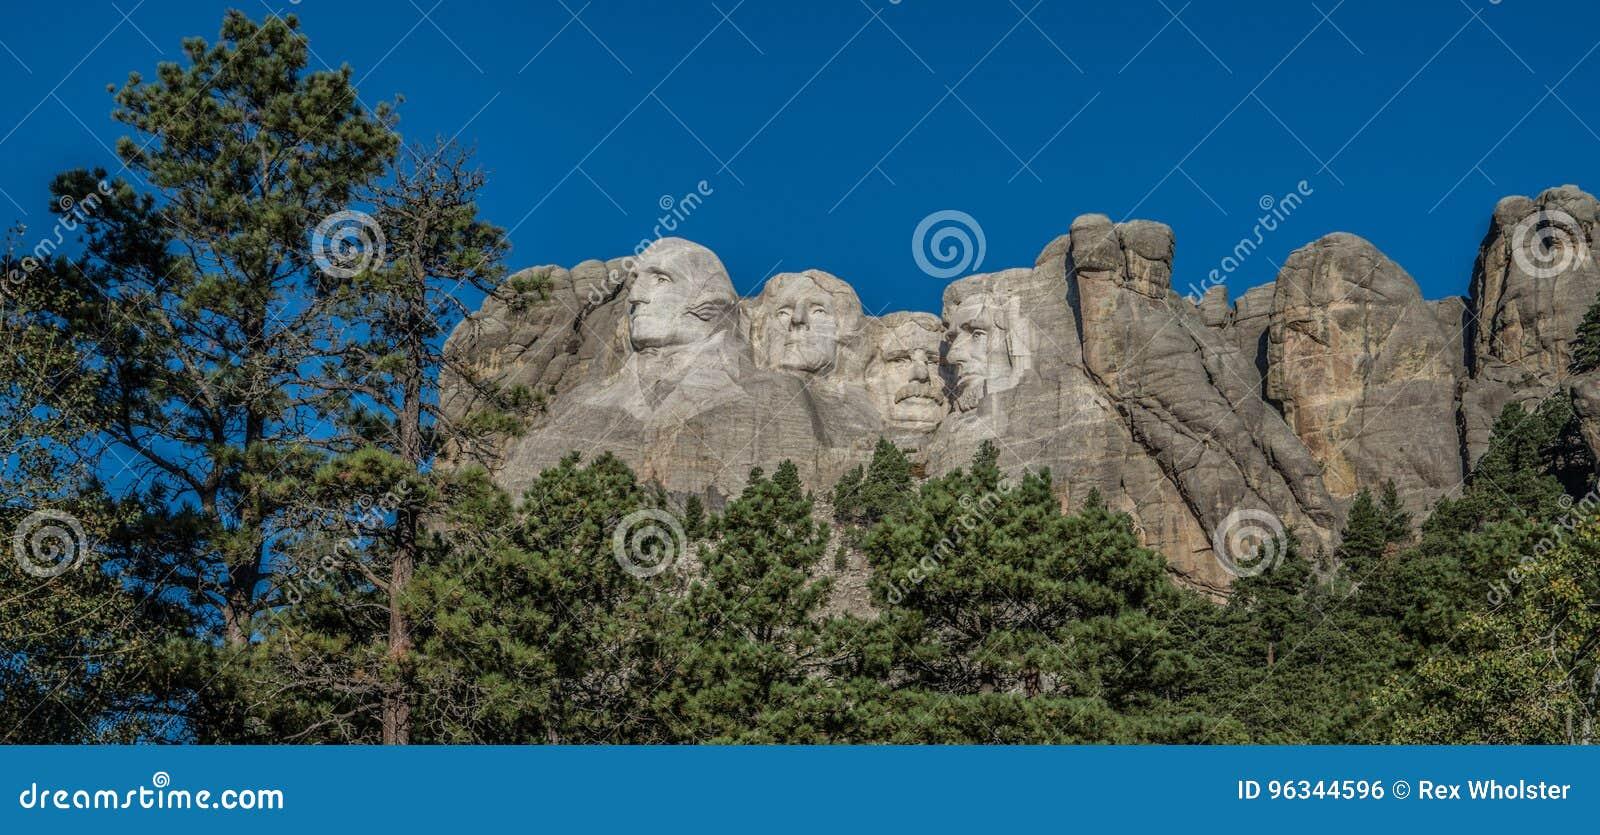 Tallas en el monte Rushmore en Dakota del Sur